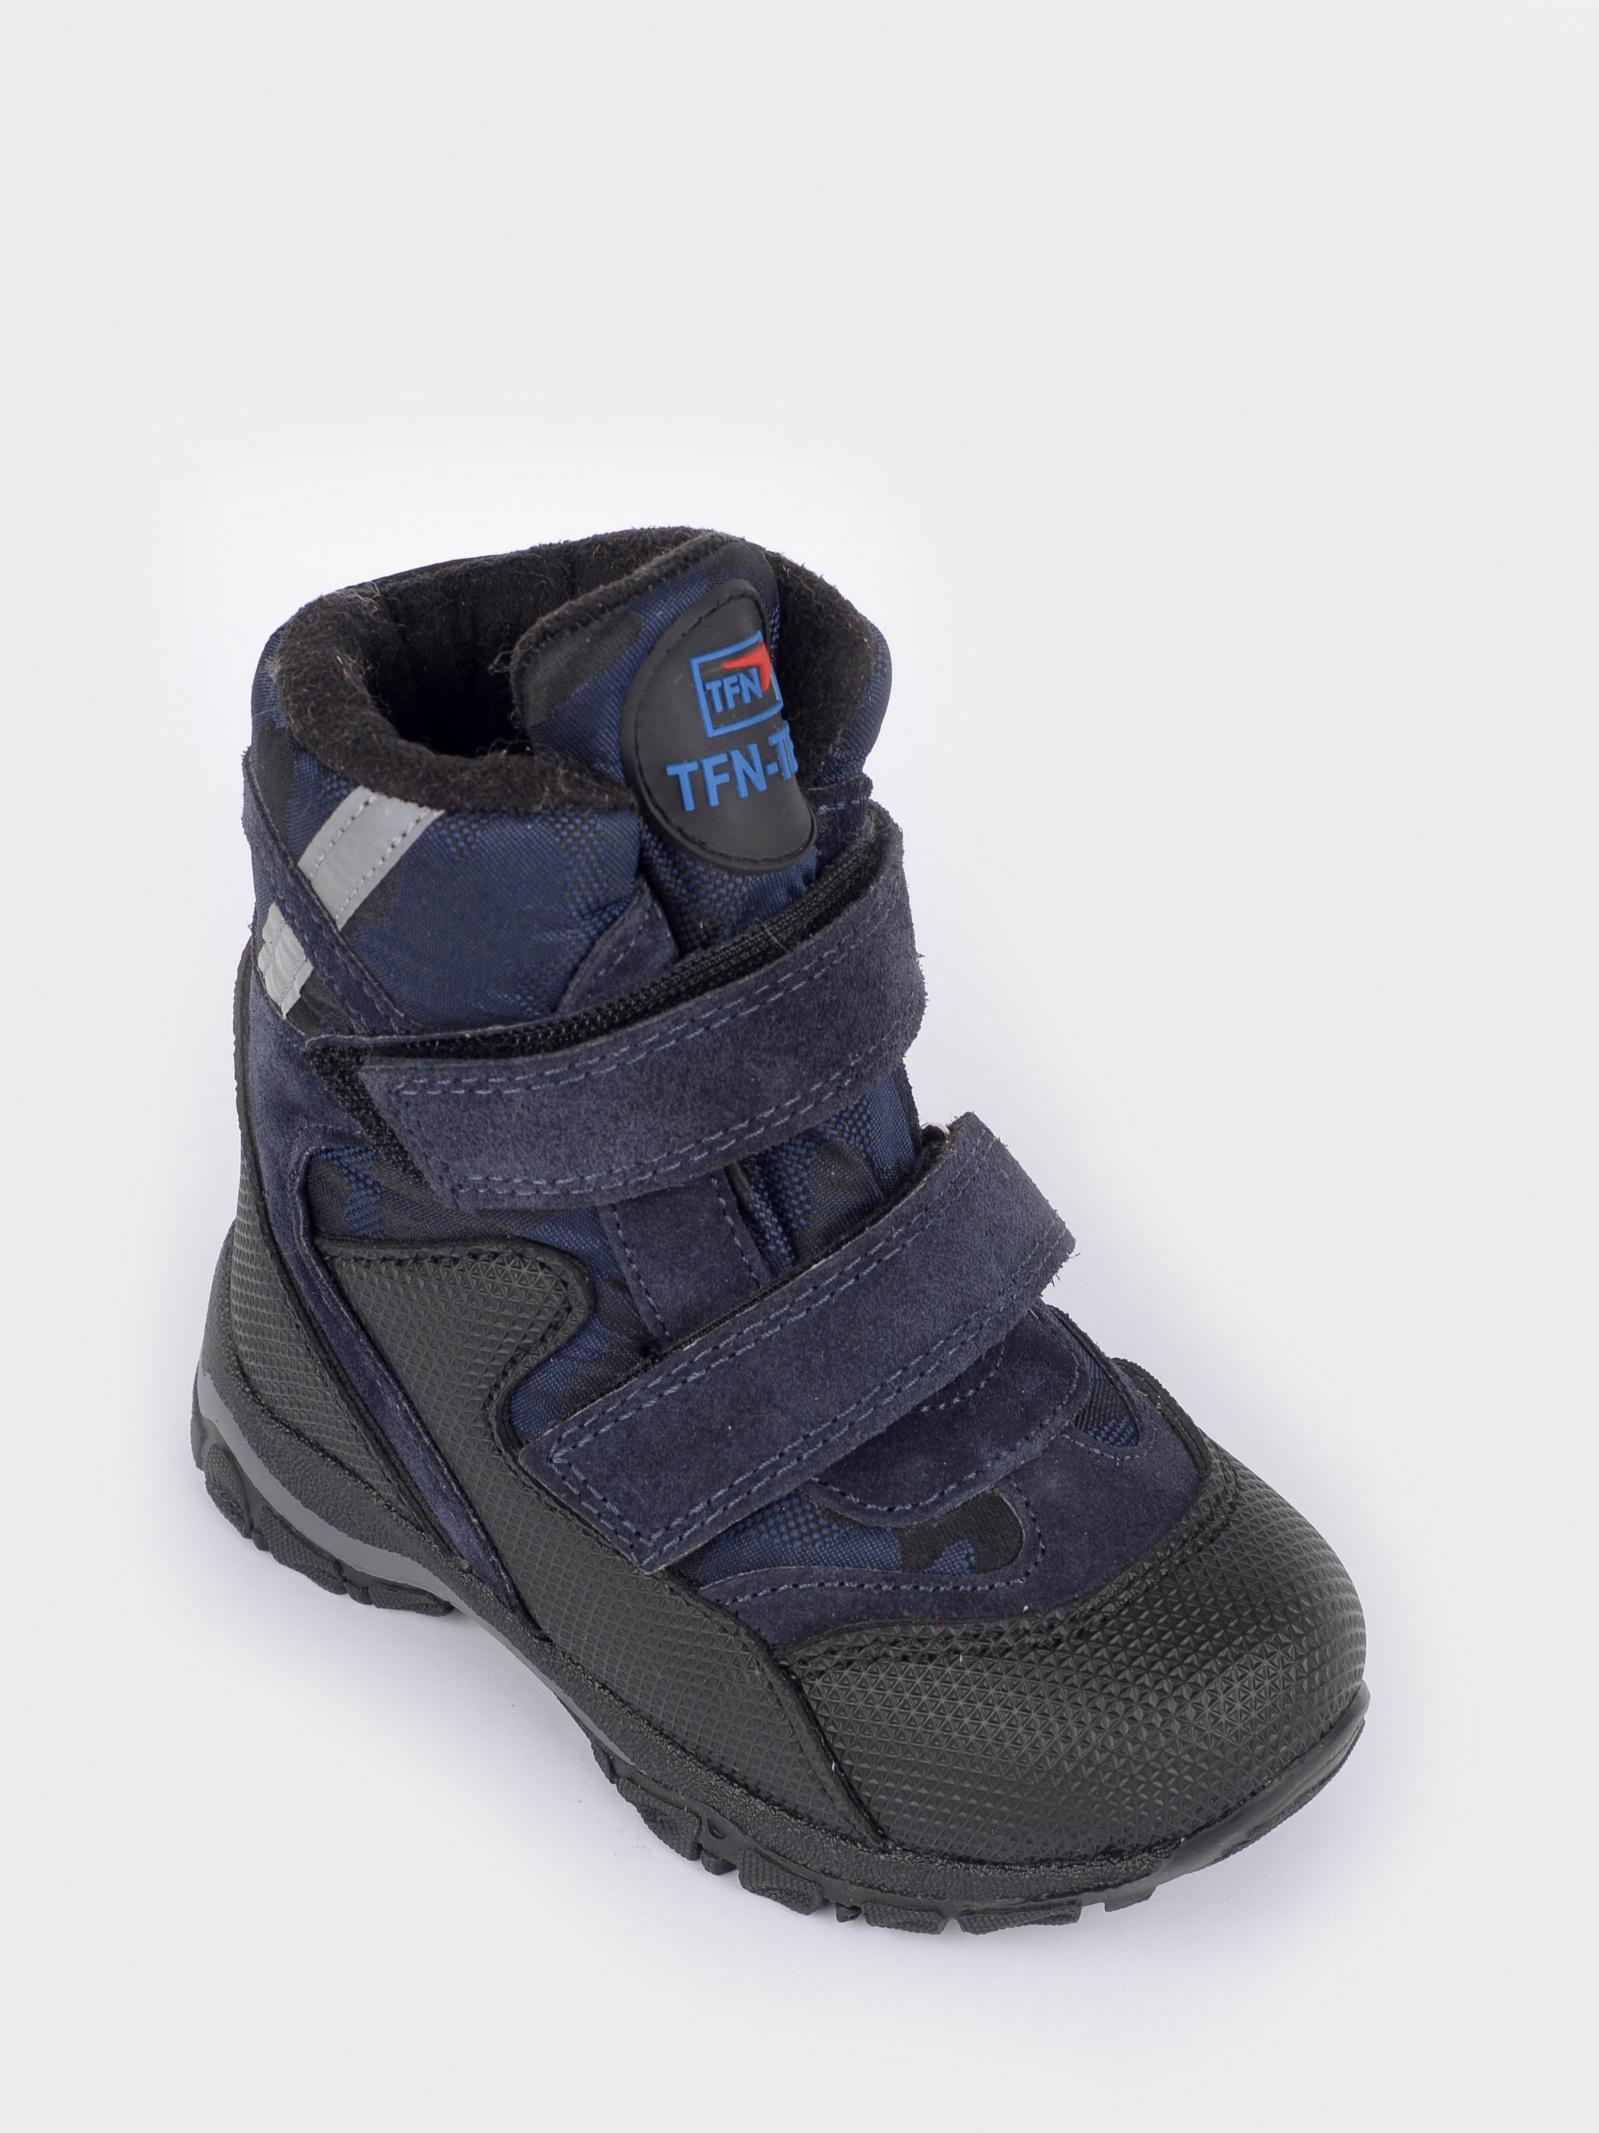 Сапоги для детей Tiflani 27F-406K-30-450 брендовая обувь, 2017